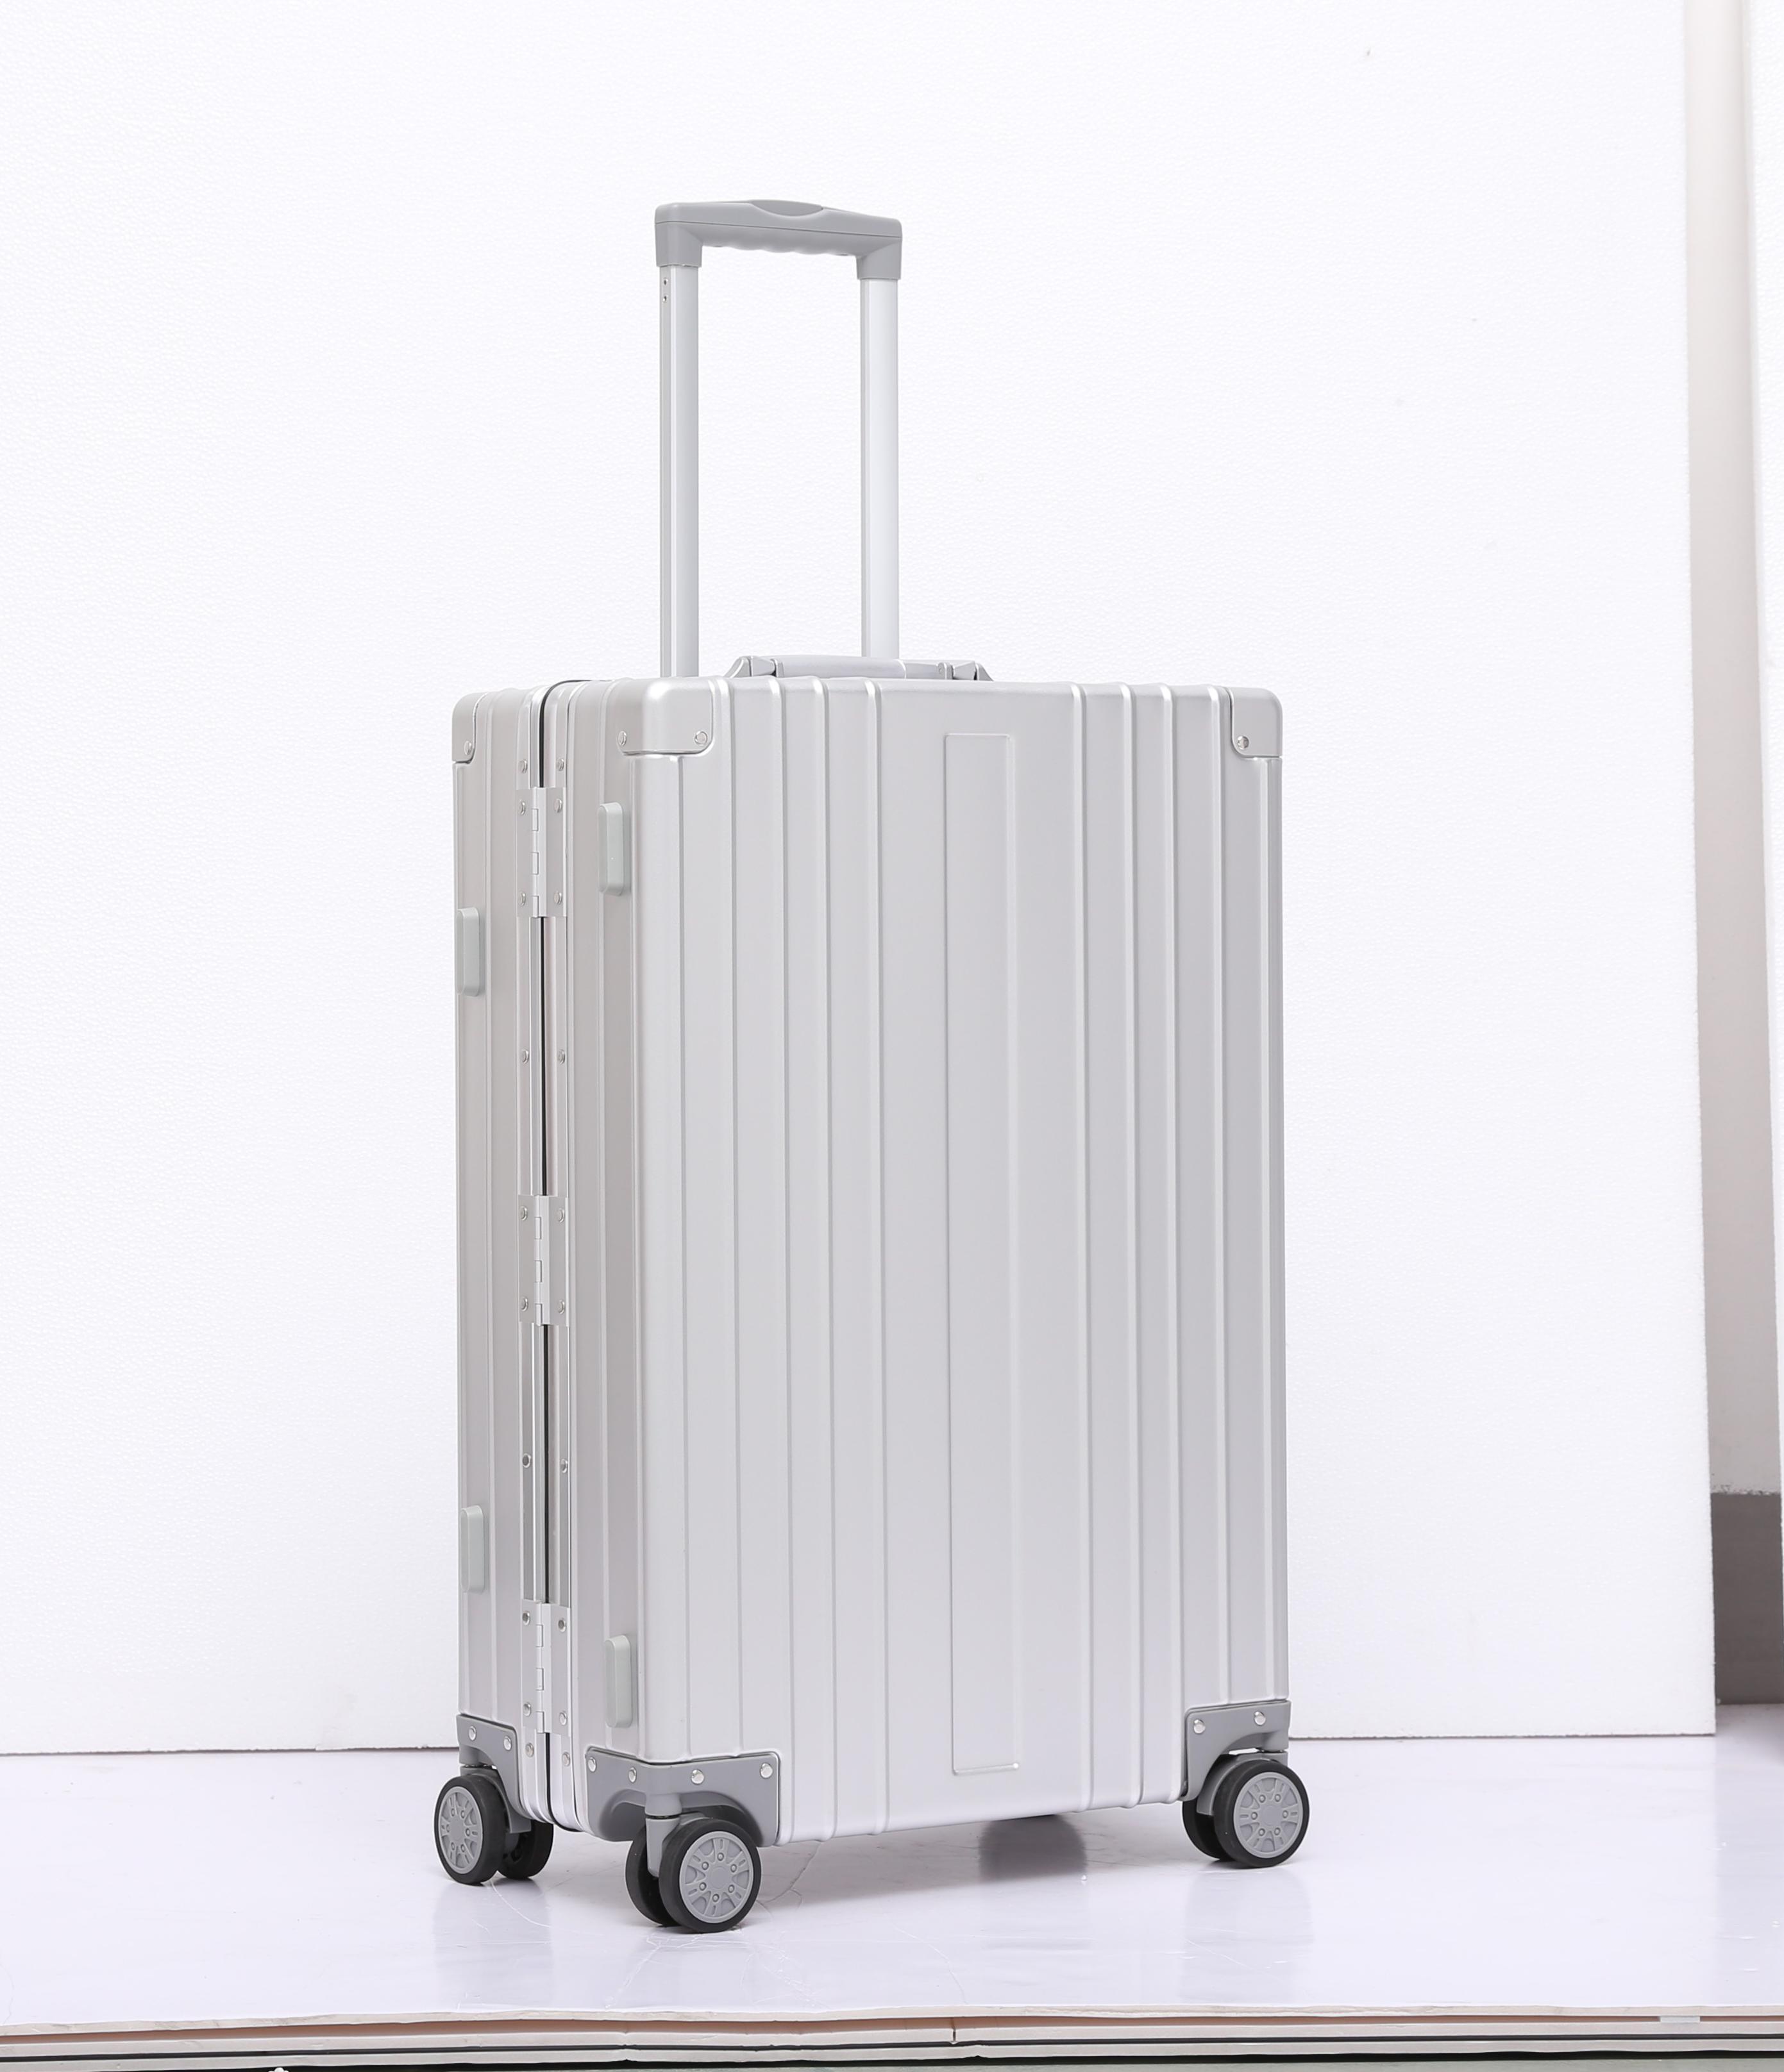 2020 New Fashion Aluminum Hard Side Travel Luggage Pilot Case